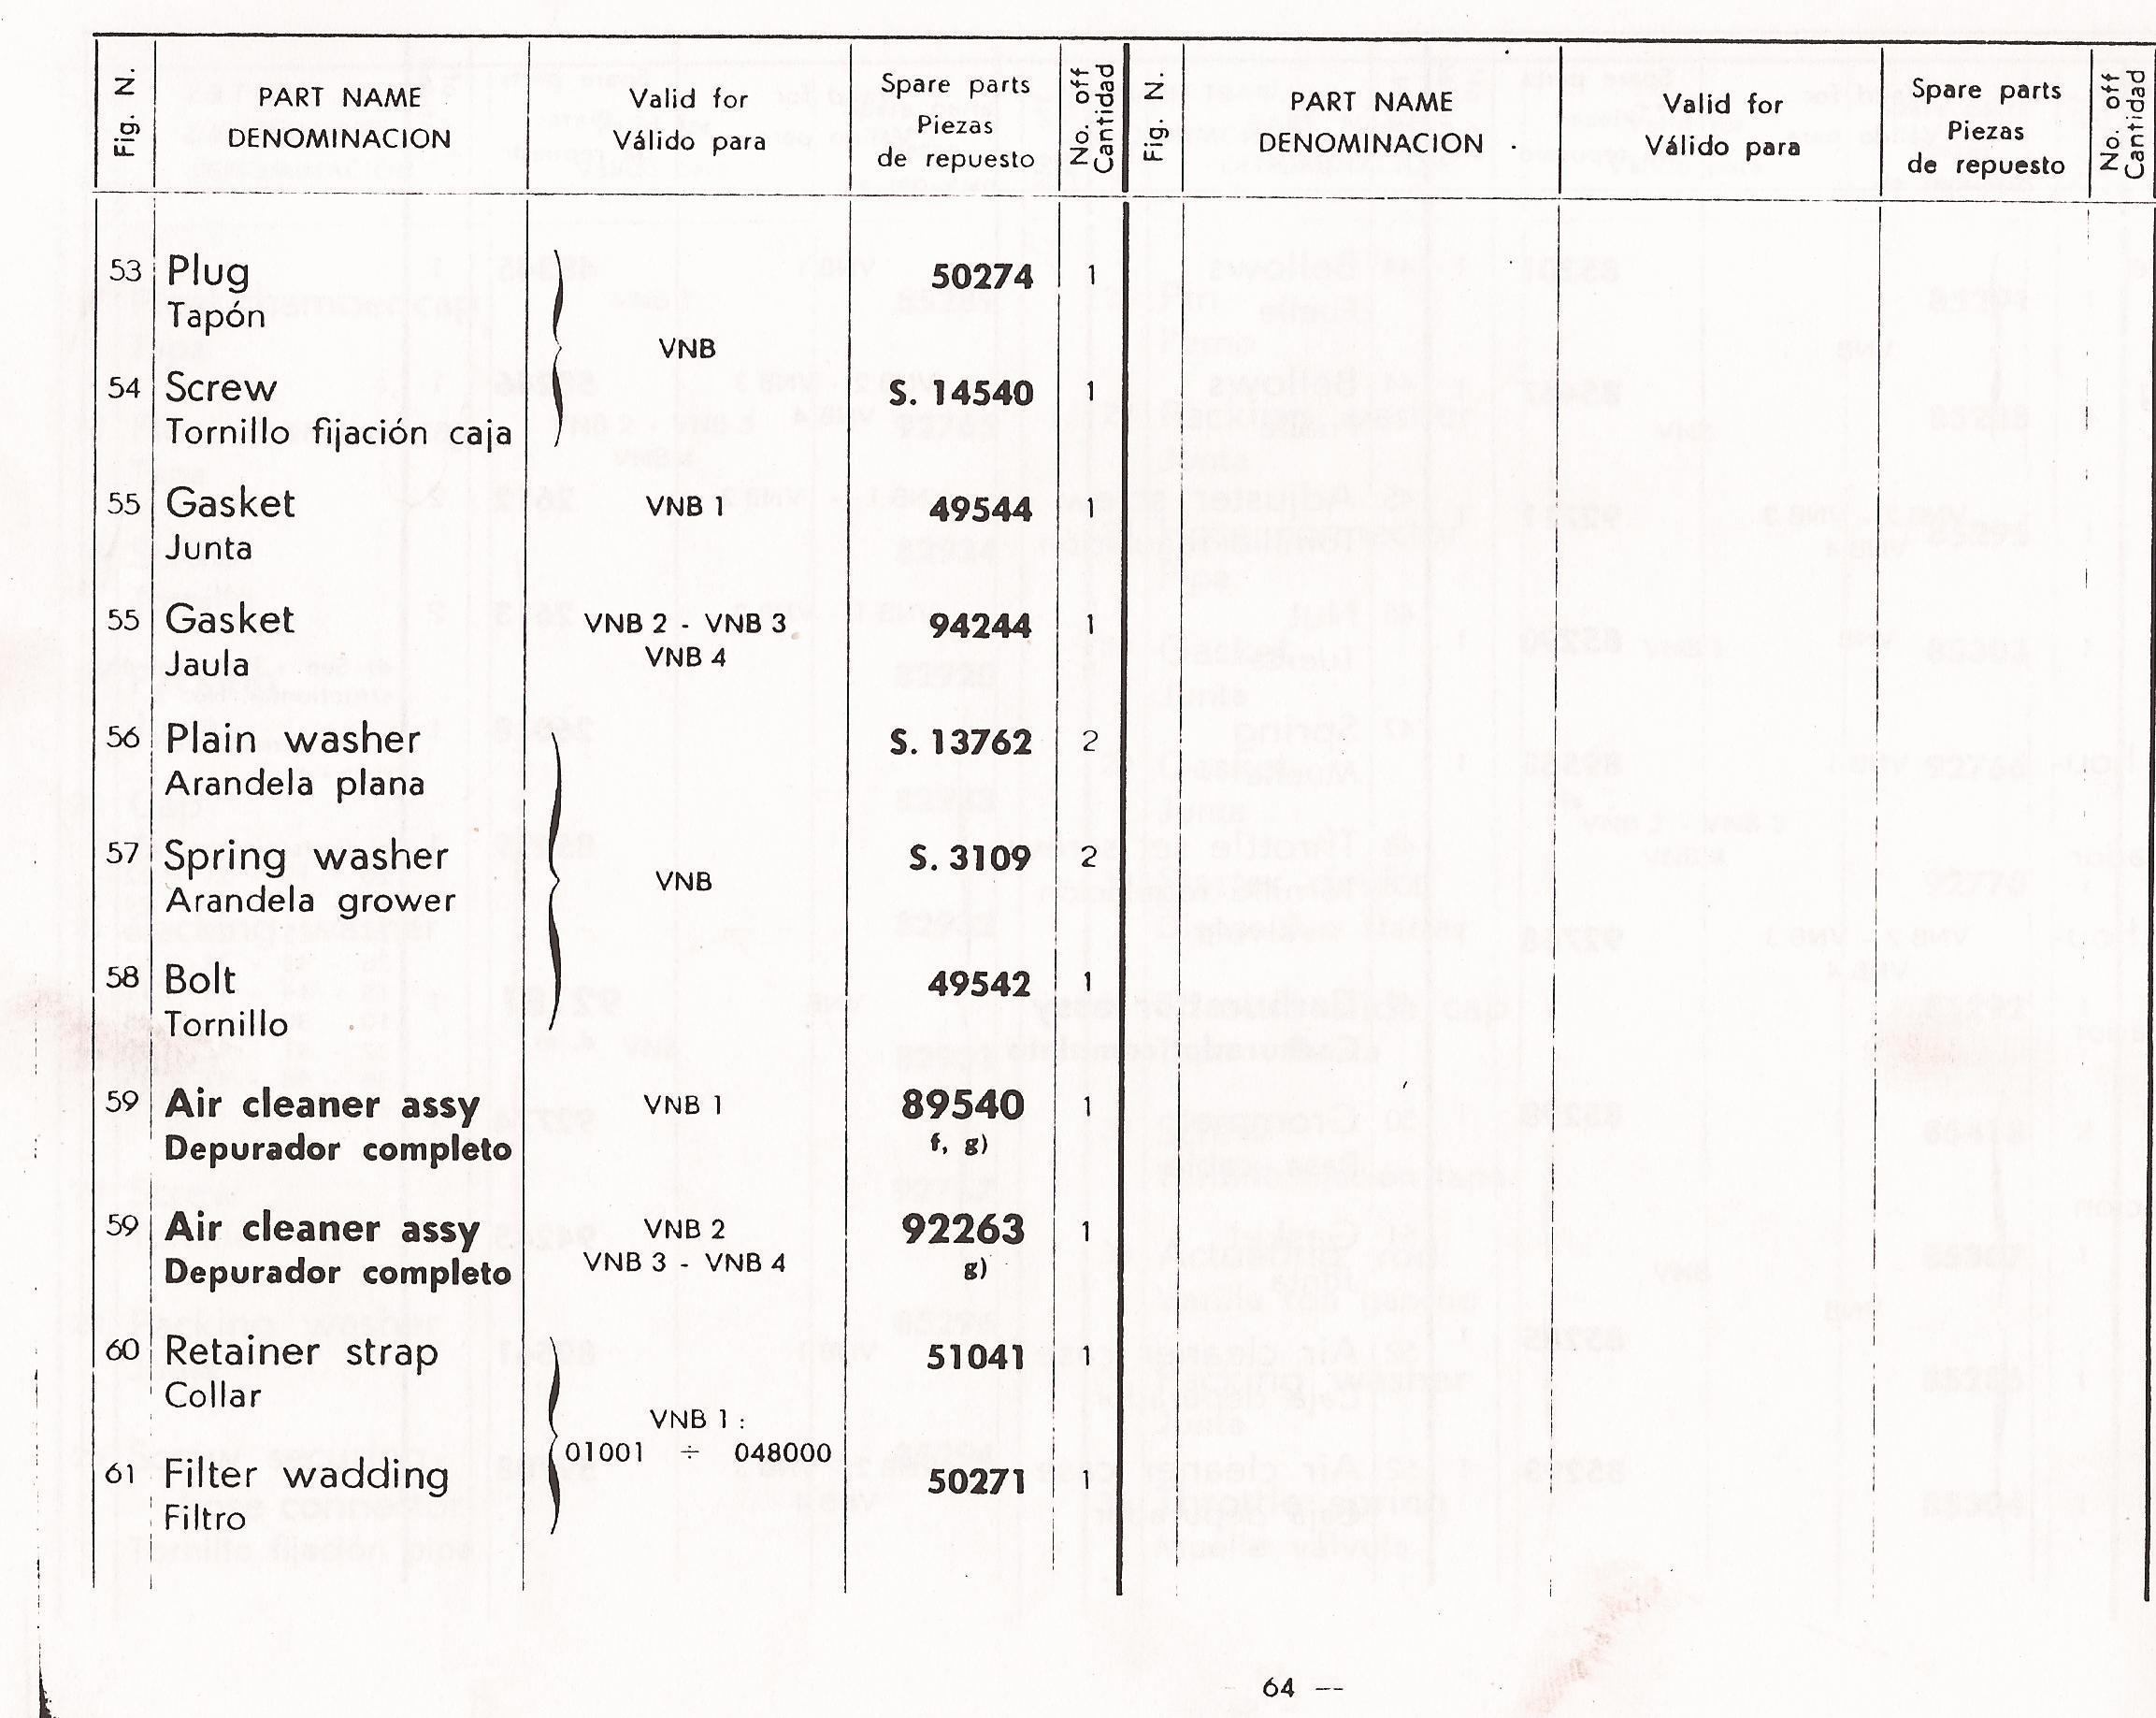 07-16-2013 vespa 125 catalog manuel 68.jpg